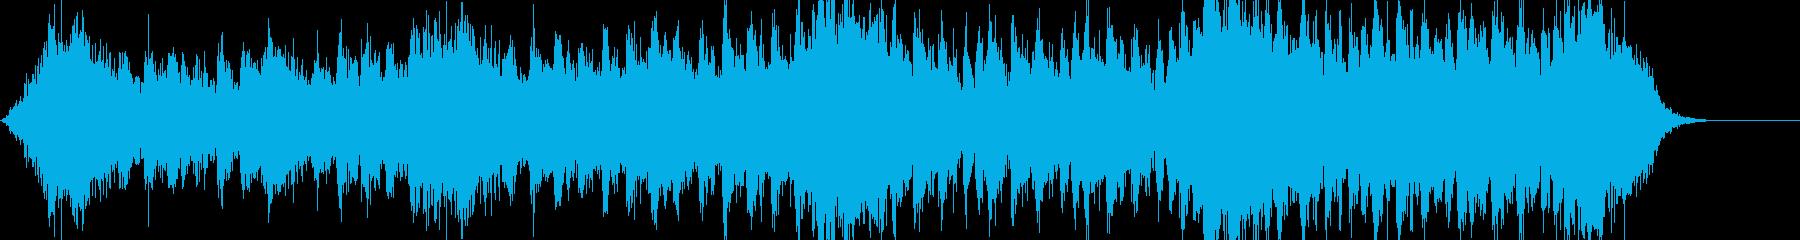 シネマティックなジングルの再生済みの波形